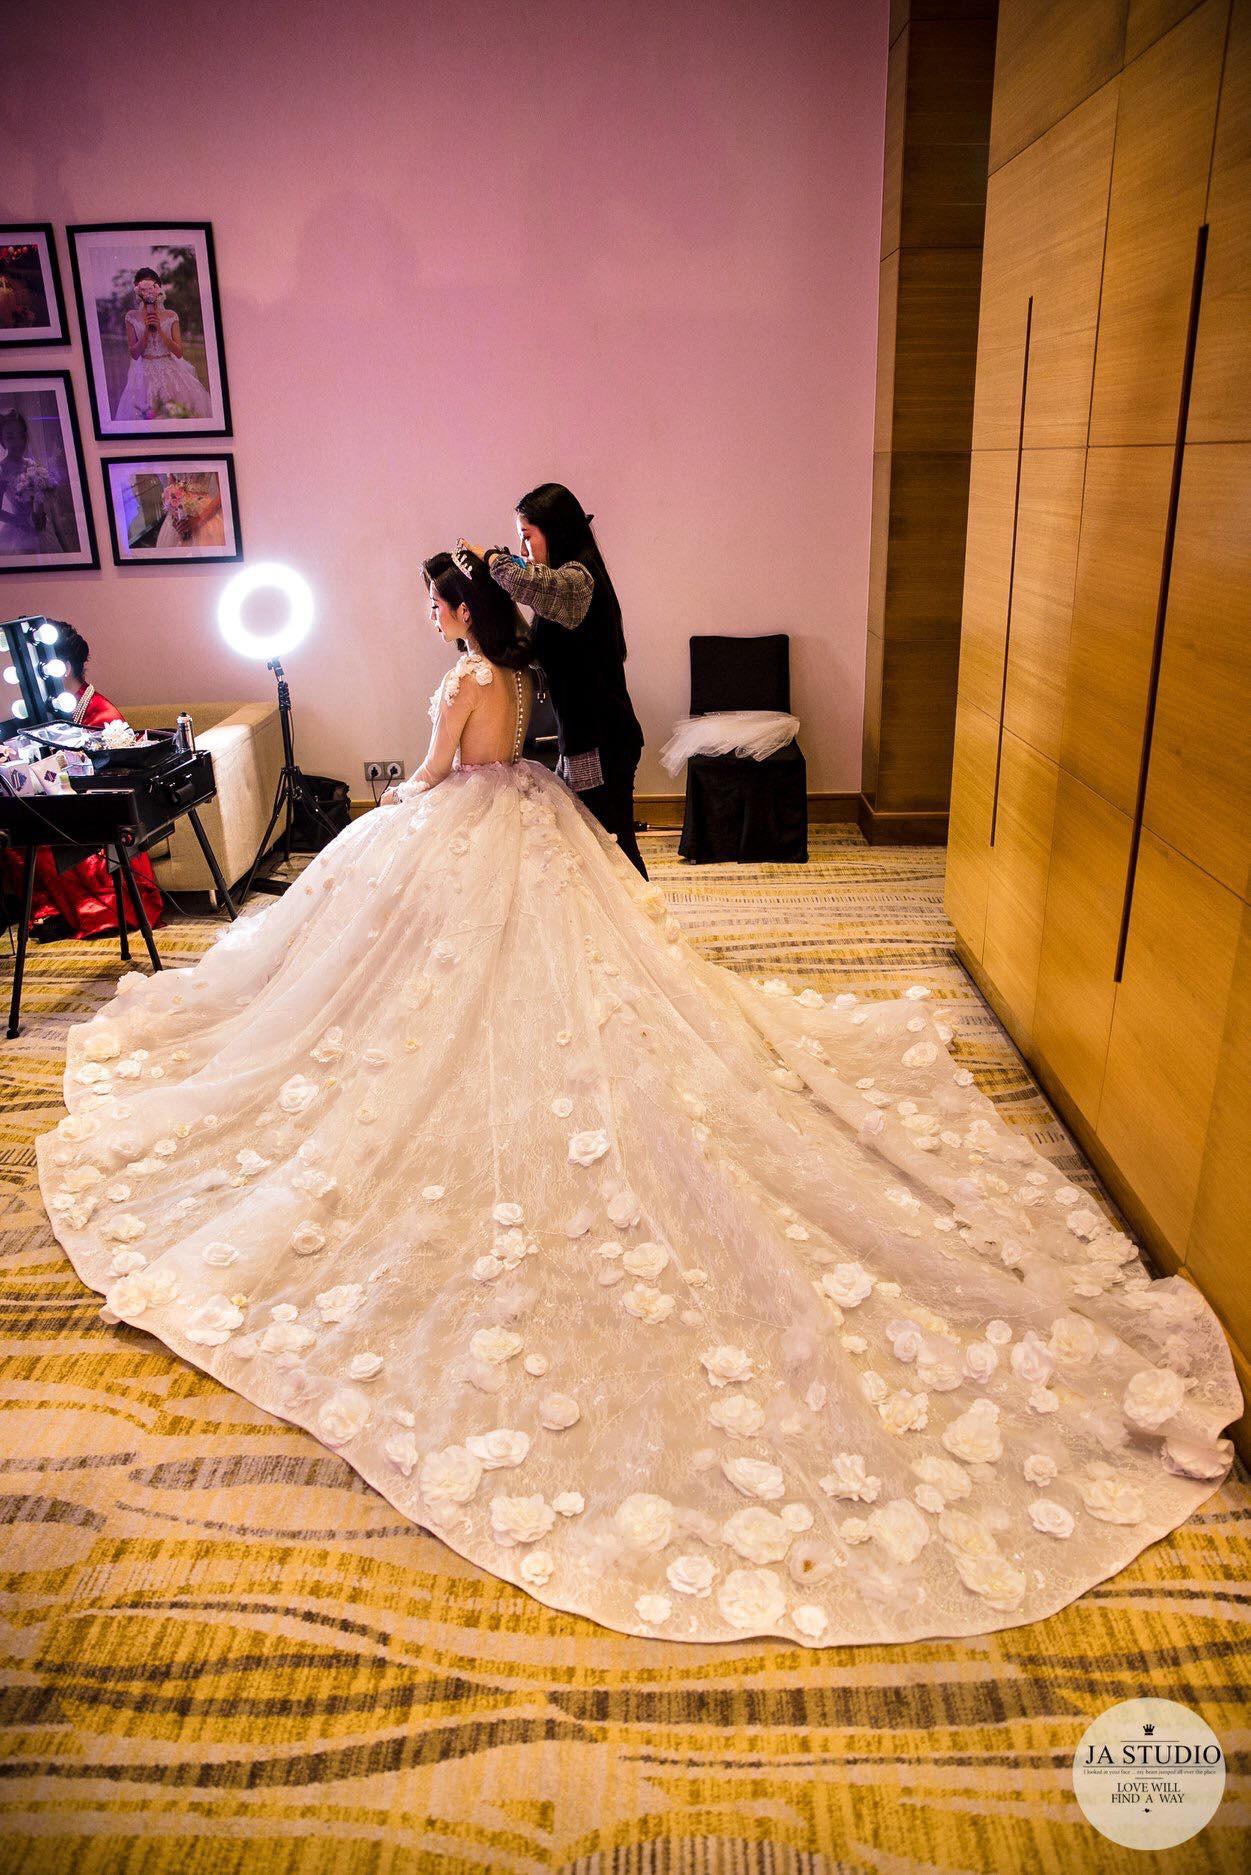 Chùm ảnh: Vân Navy hạnh phúc rưng rưng trong đám cưới với bạn trai doanh nhân - Ảnh 3.